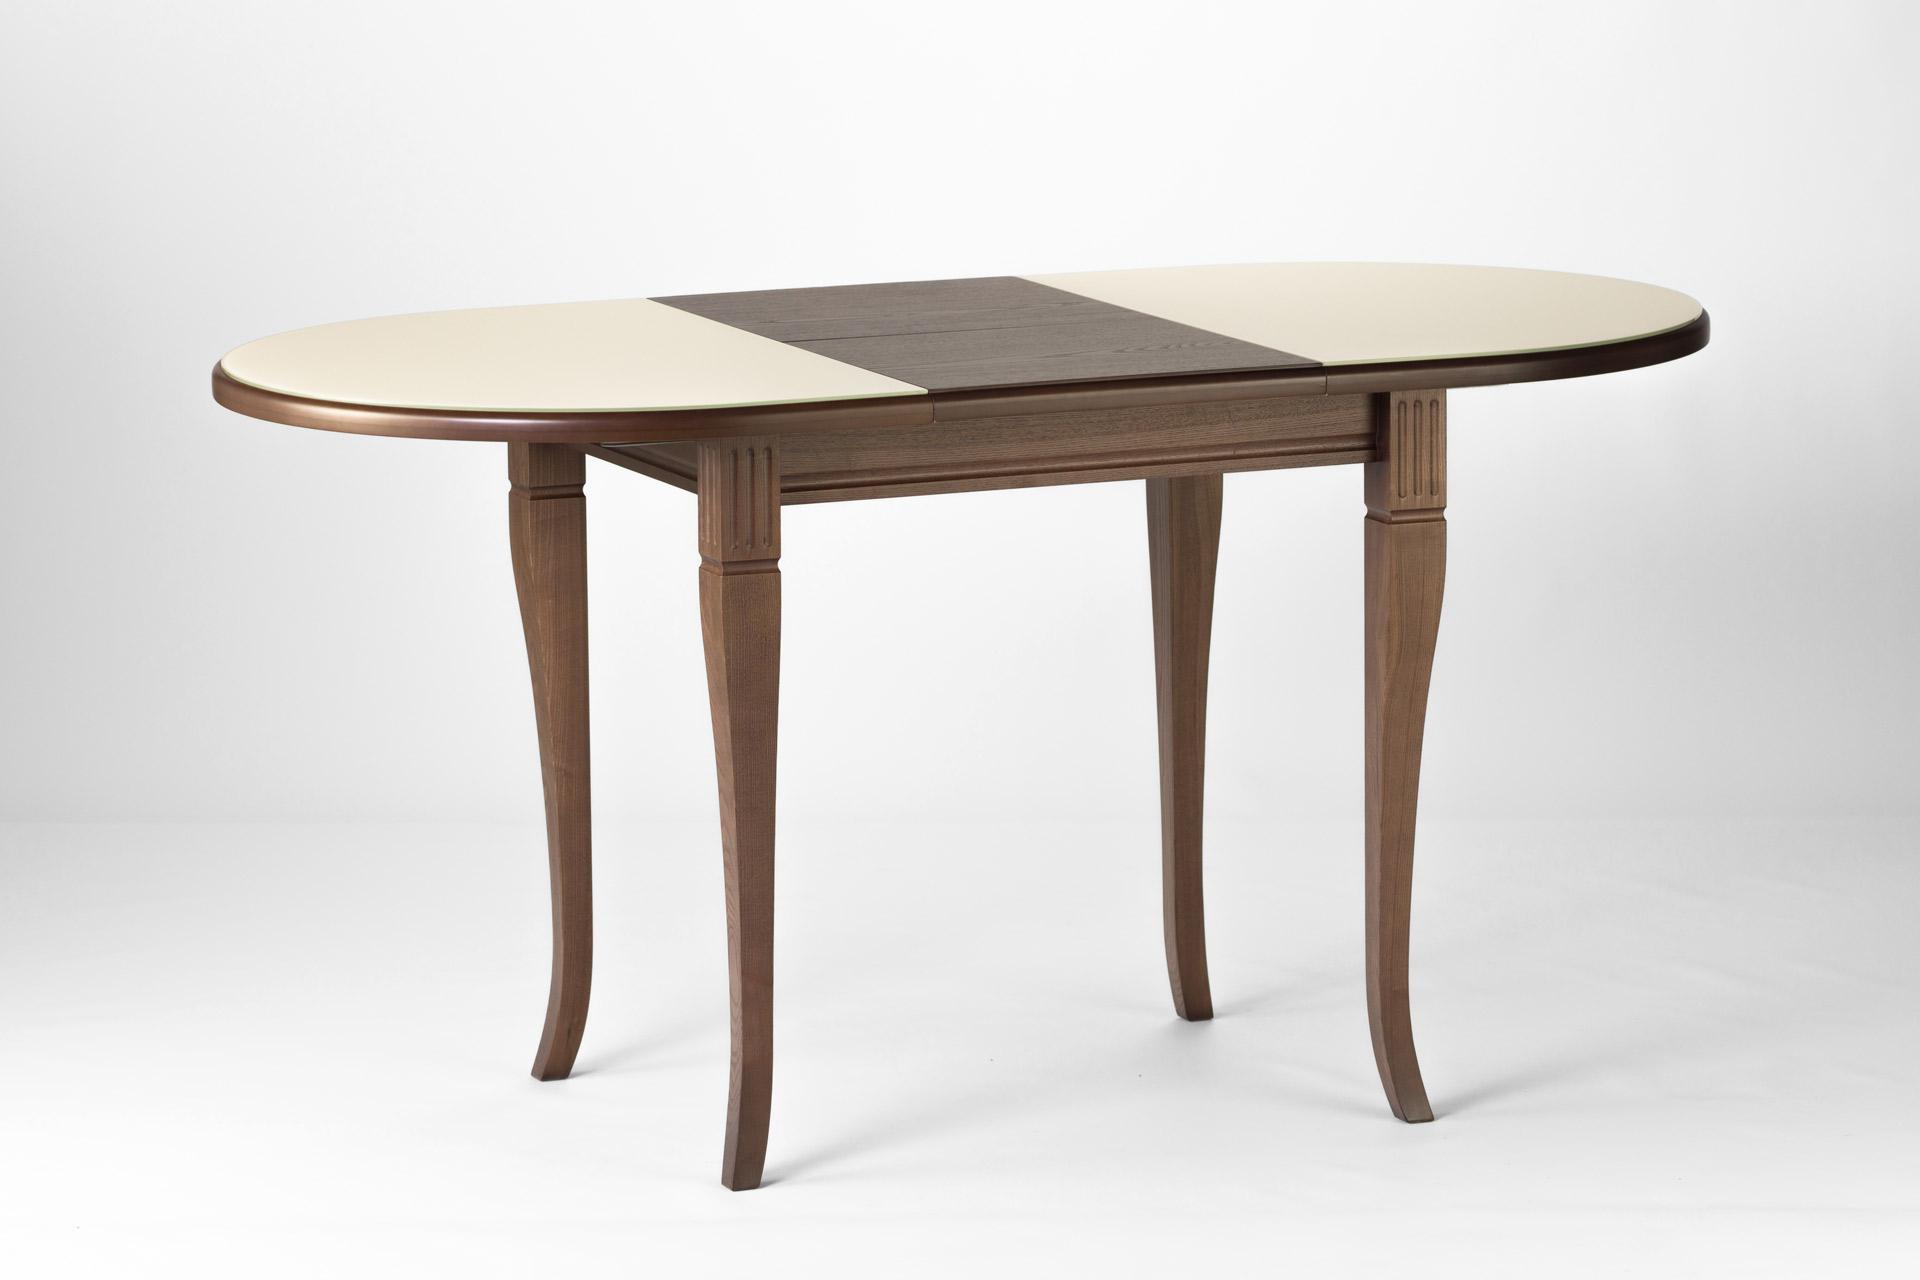 Овальный кухонный стол Кардинал , с деревянной столешницей бежевого цвета с раскладным механизмом, фото 2